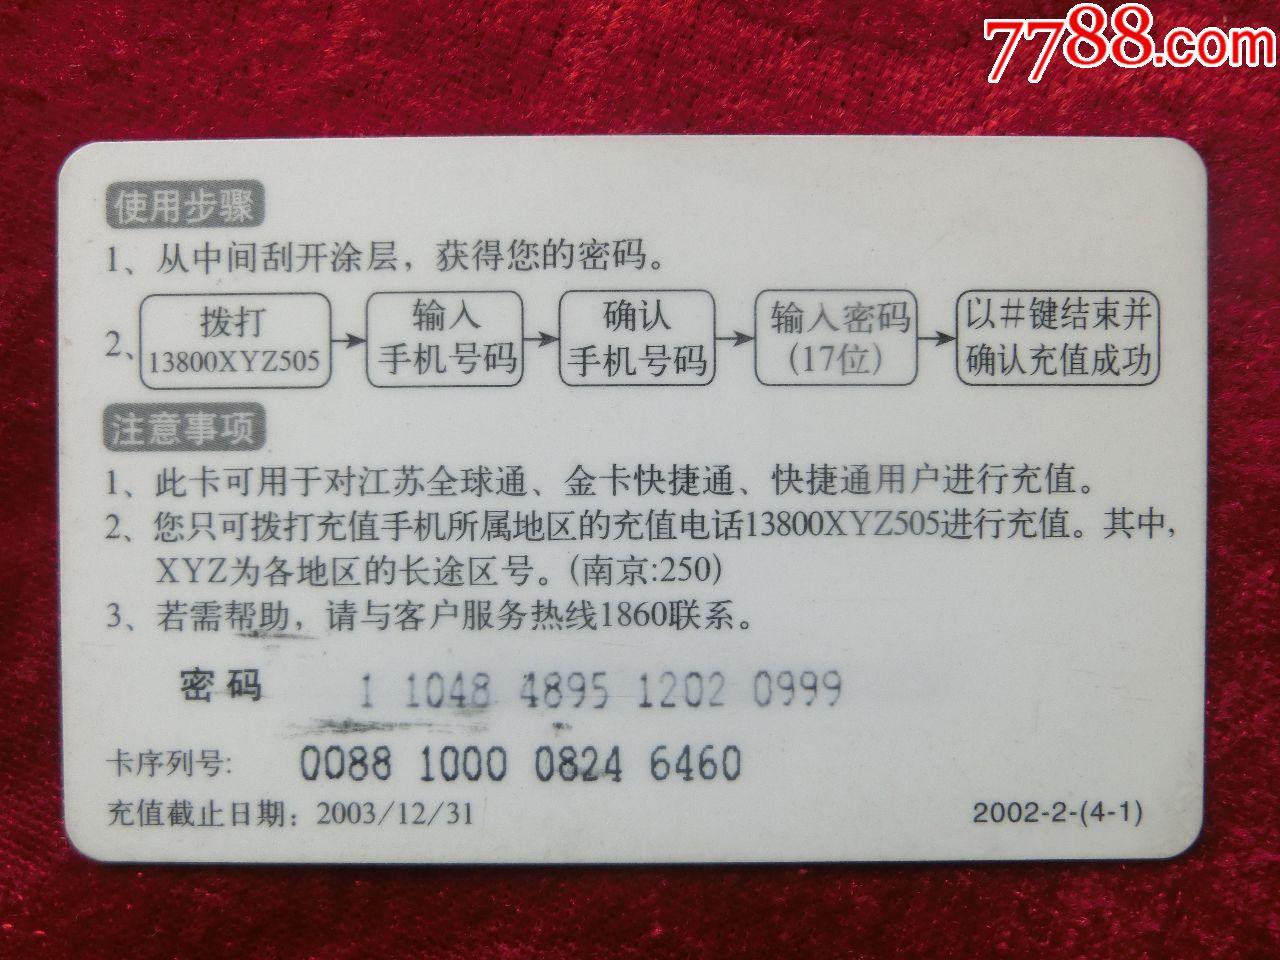 江苏移动电话充值卡:2002-2-(4-1)移动梦网_价格1.